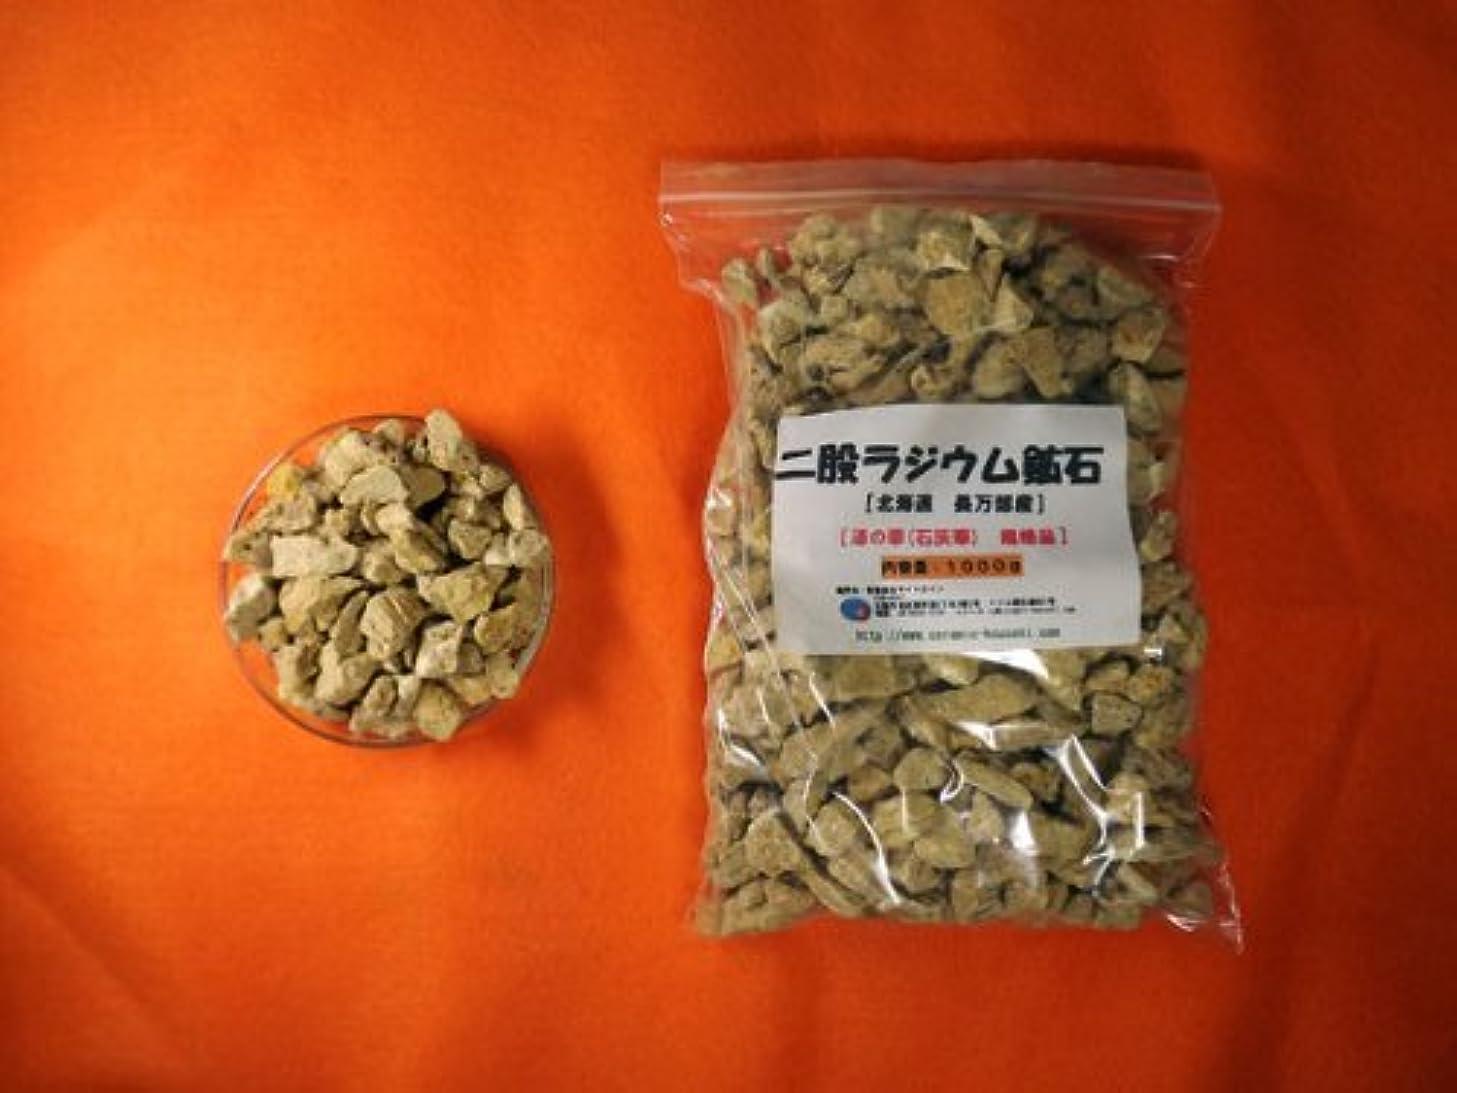 注入する腐食する孤児二股ラジウム鉱石 湯の華 [北海道 長万部産]3000g